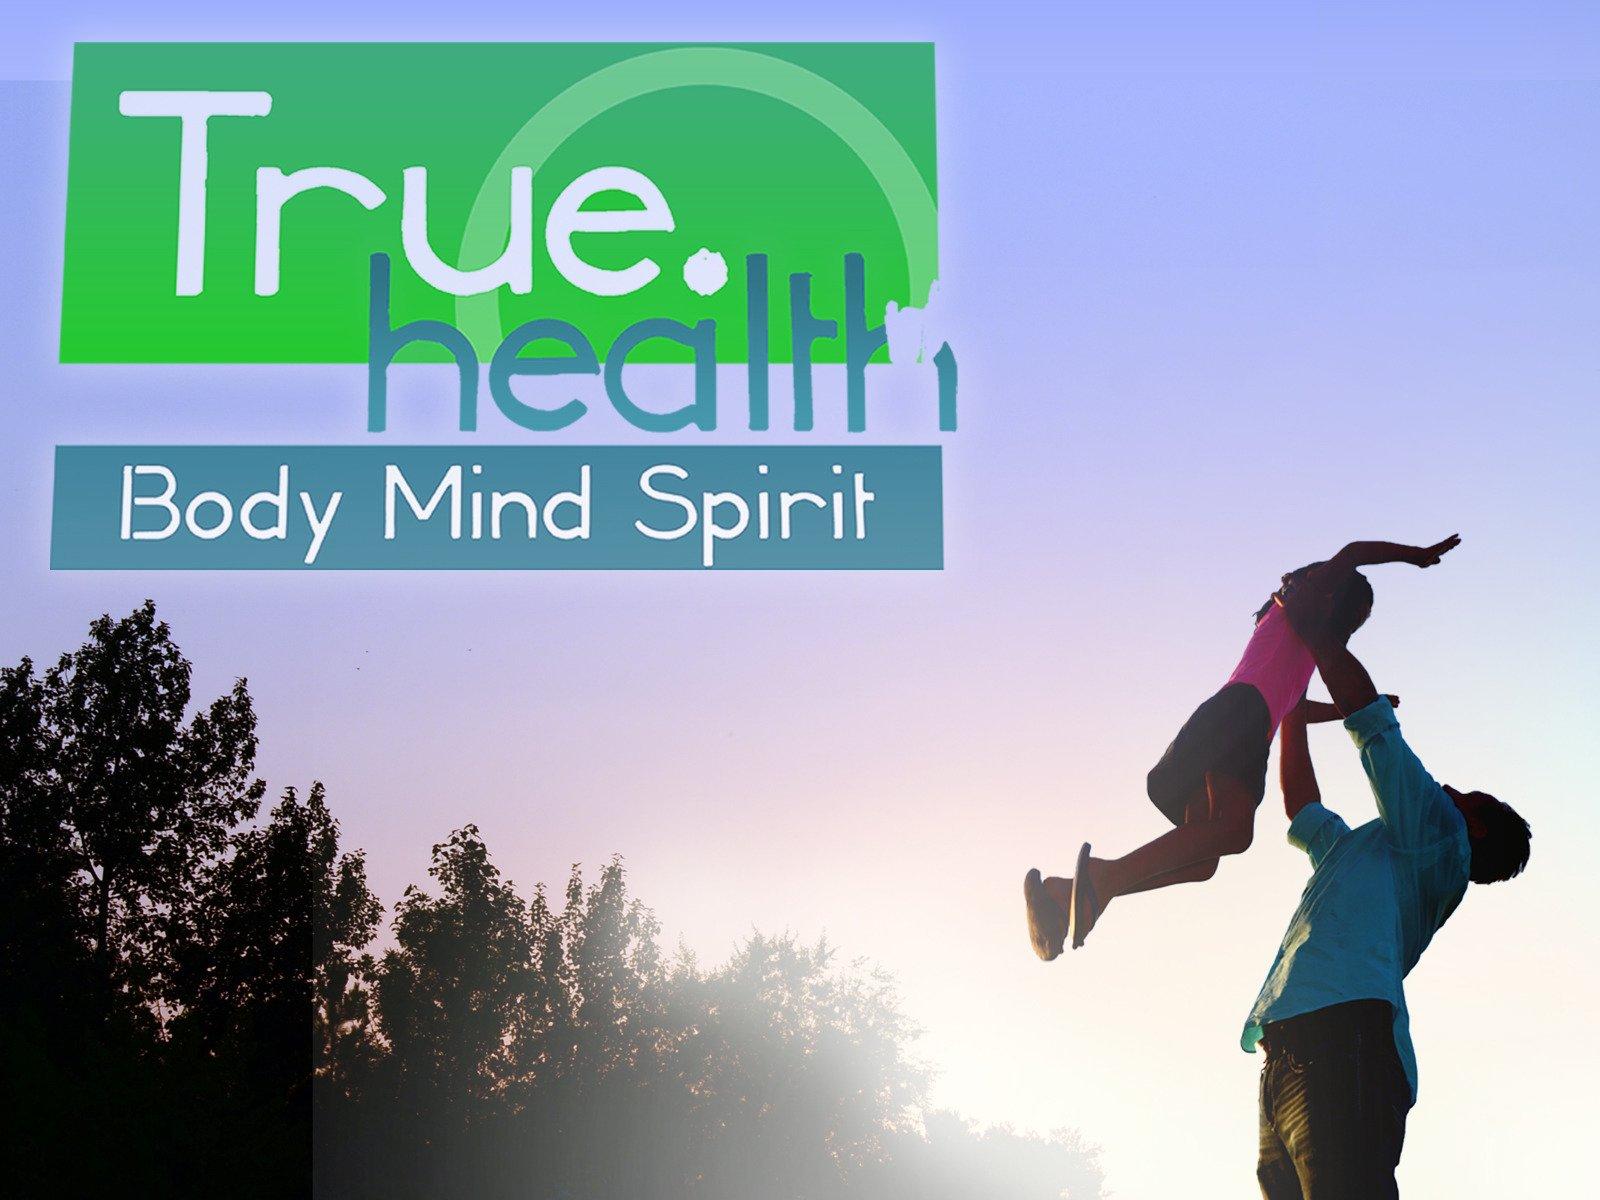 True Health: Body, Mind & Spirit